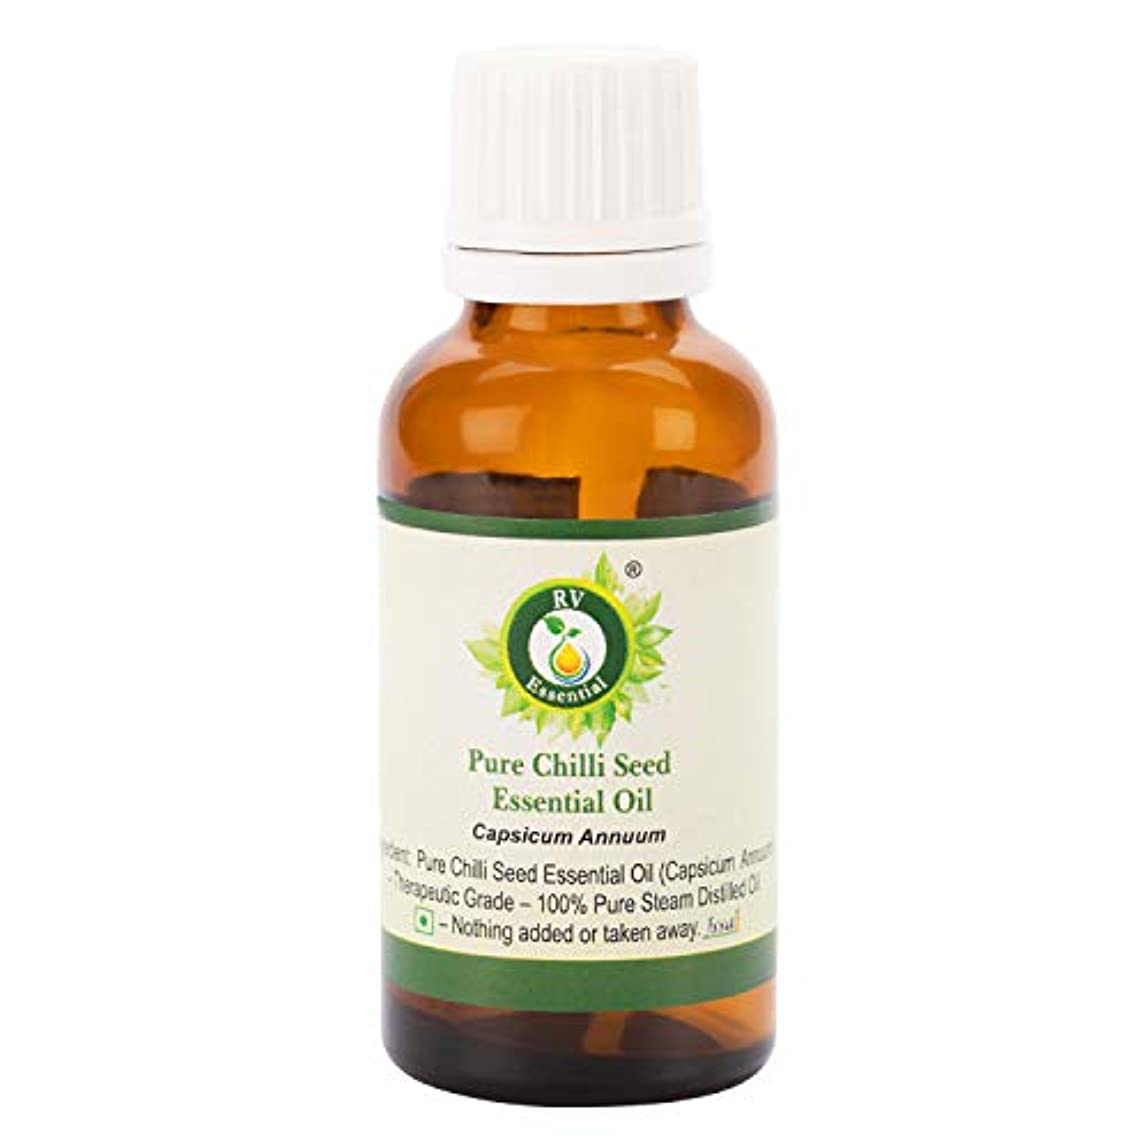 ピュアチリシードエッセンシャルオイル5ml (0.169oz)- Capsicum Annuum (100%純粋&天然スチームDistilled) Pure Chilli Seed Essential Oil